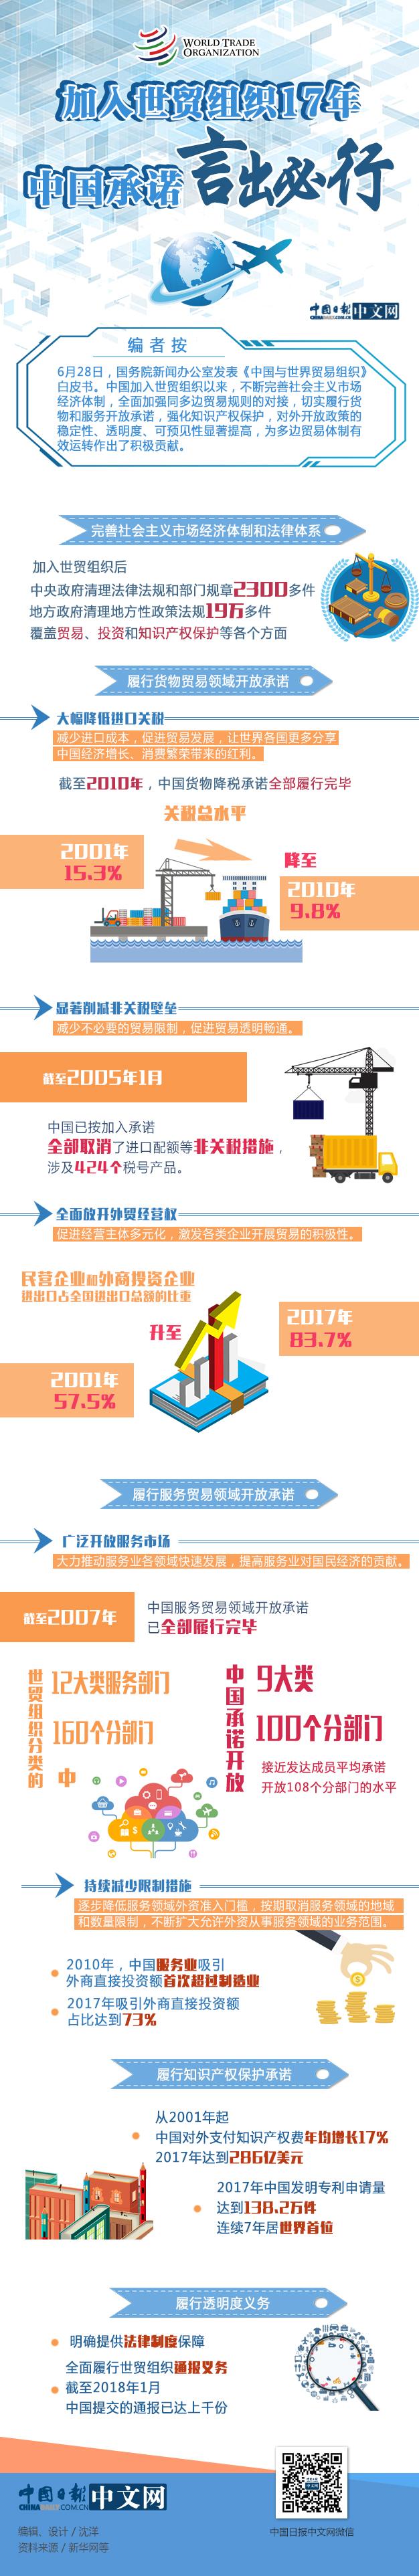 图解 | 加入世贸17年:中国承诺 言出必行